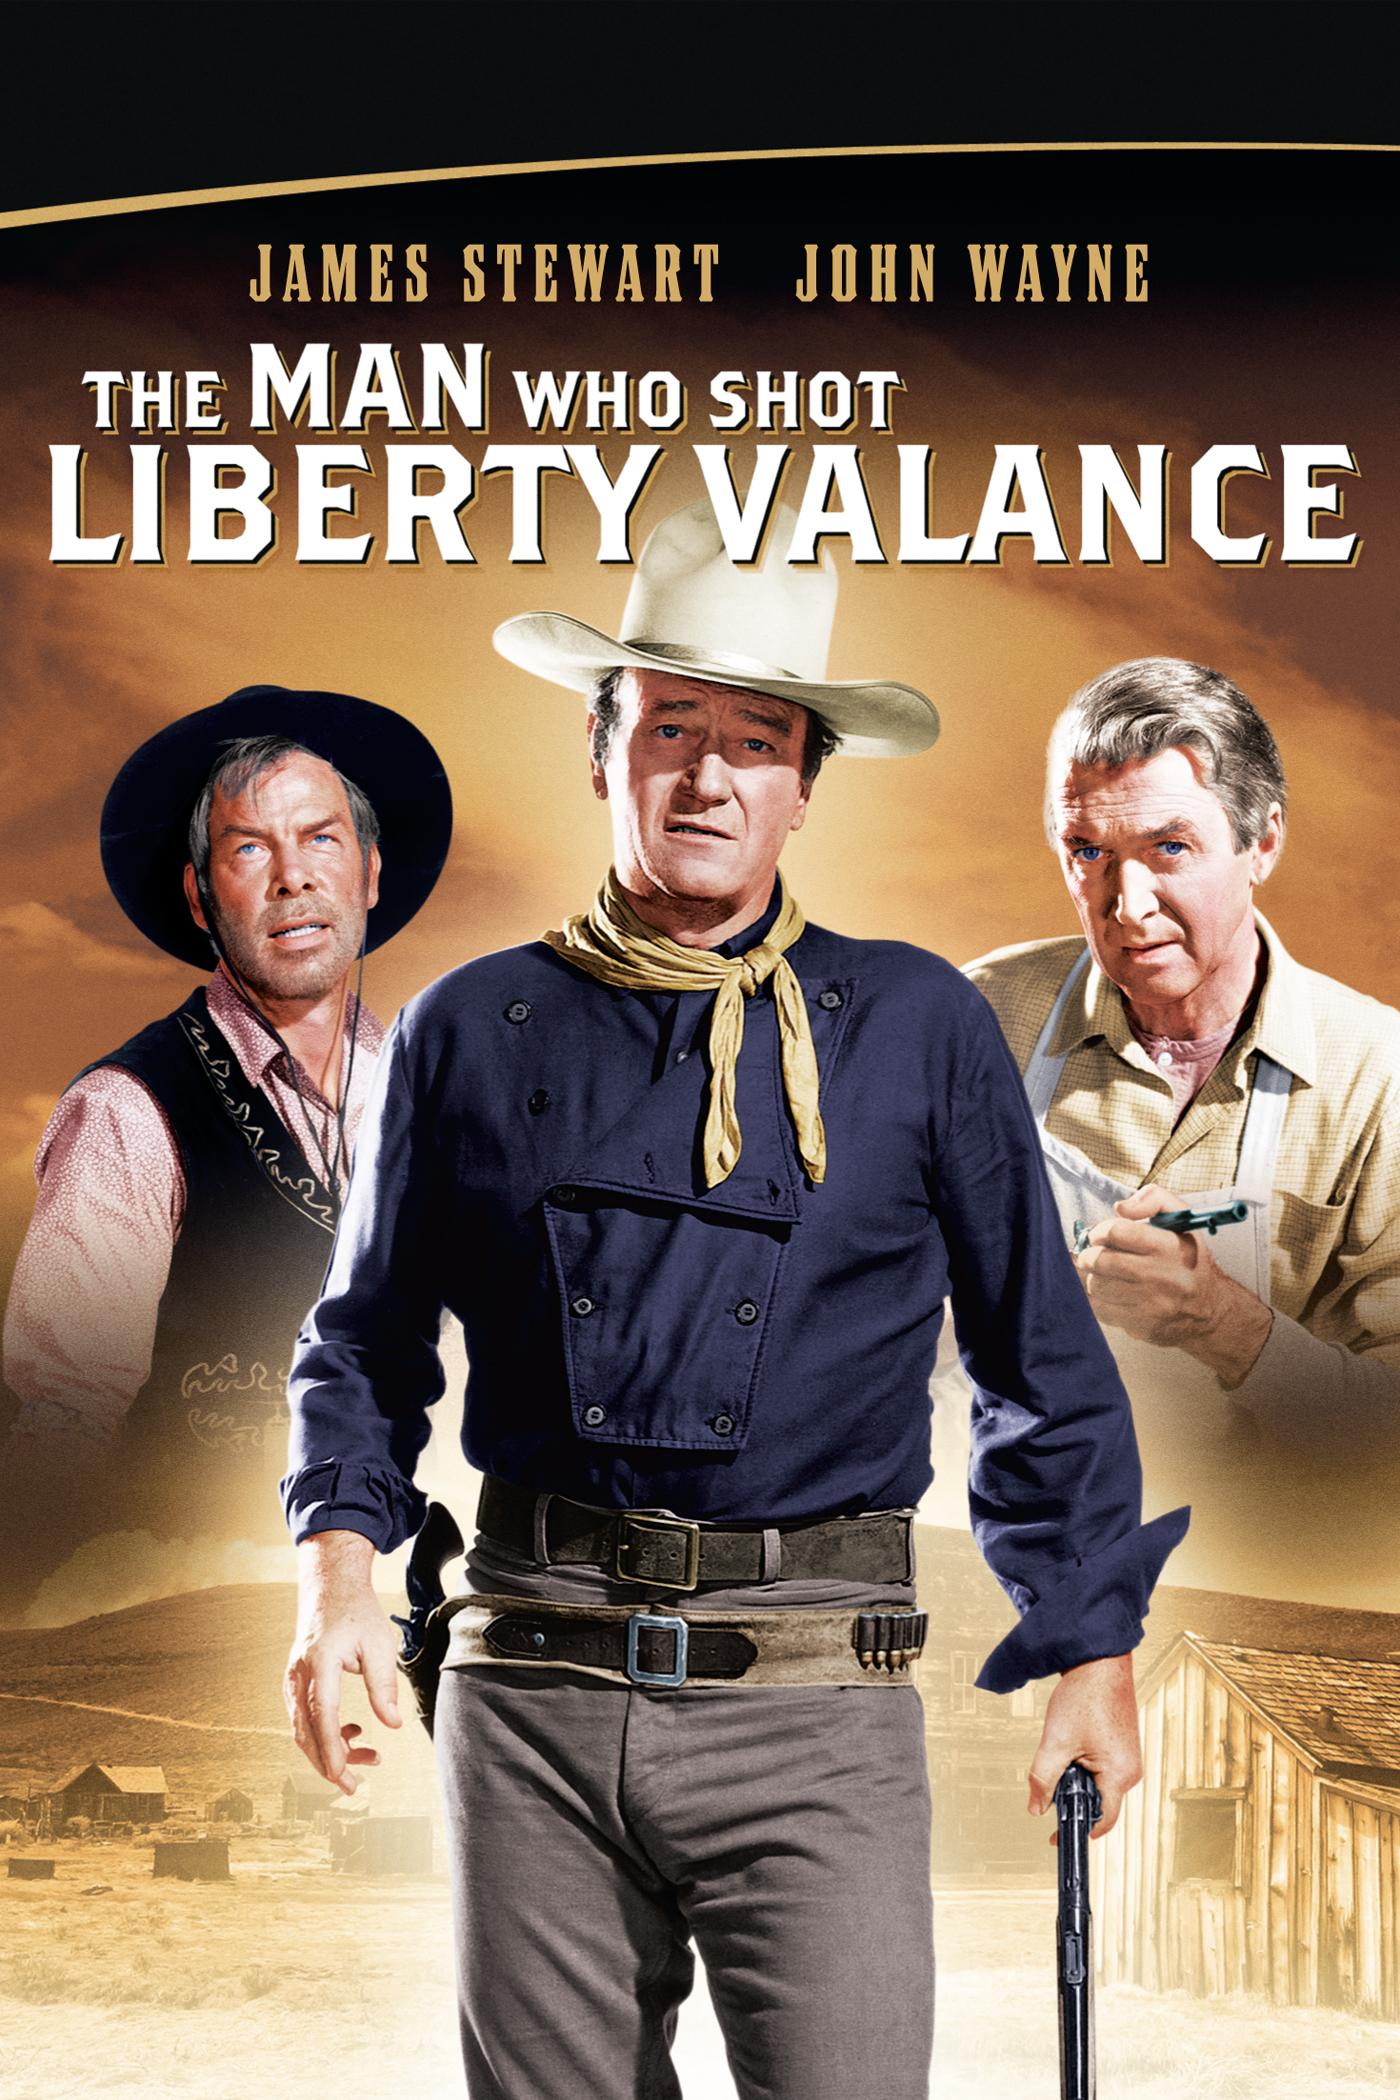 The Man from U.N.C.L.E., Trash, now on DVD and Blu-ray